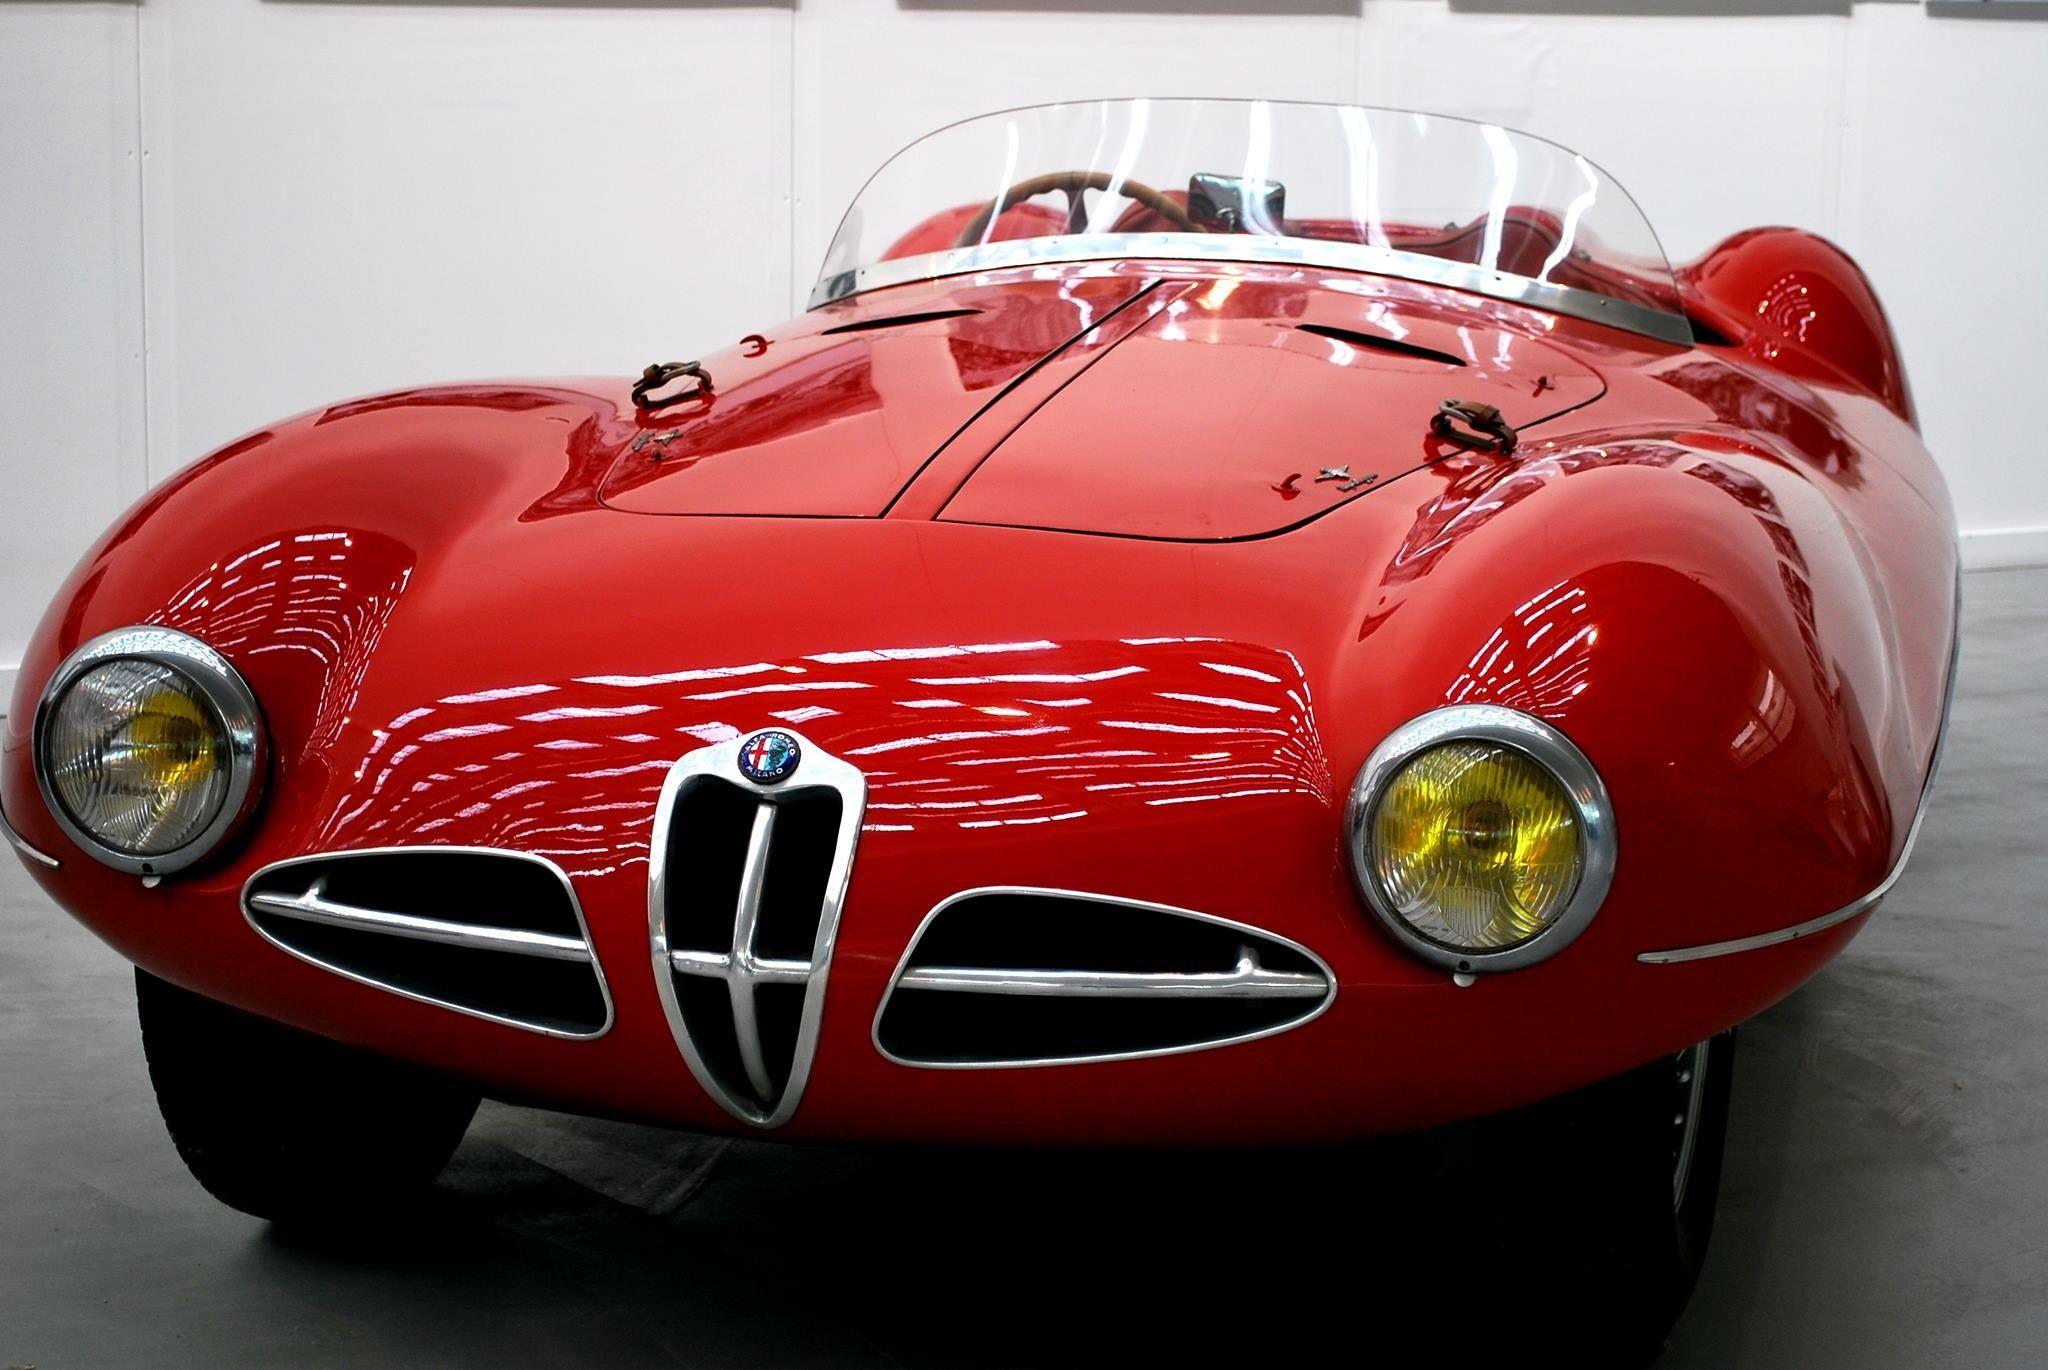 ボード「american classic car」のピン